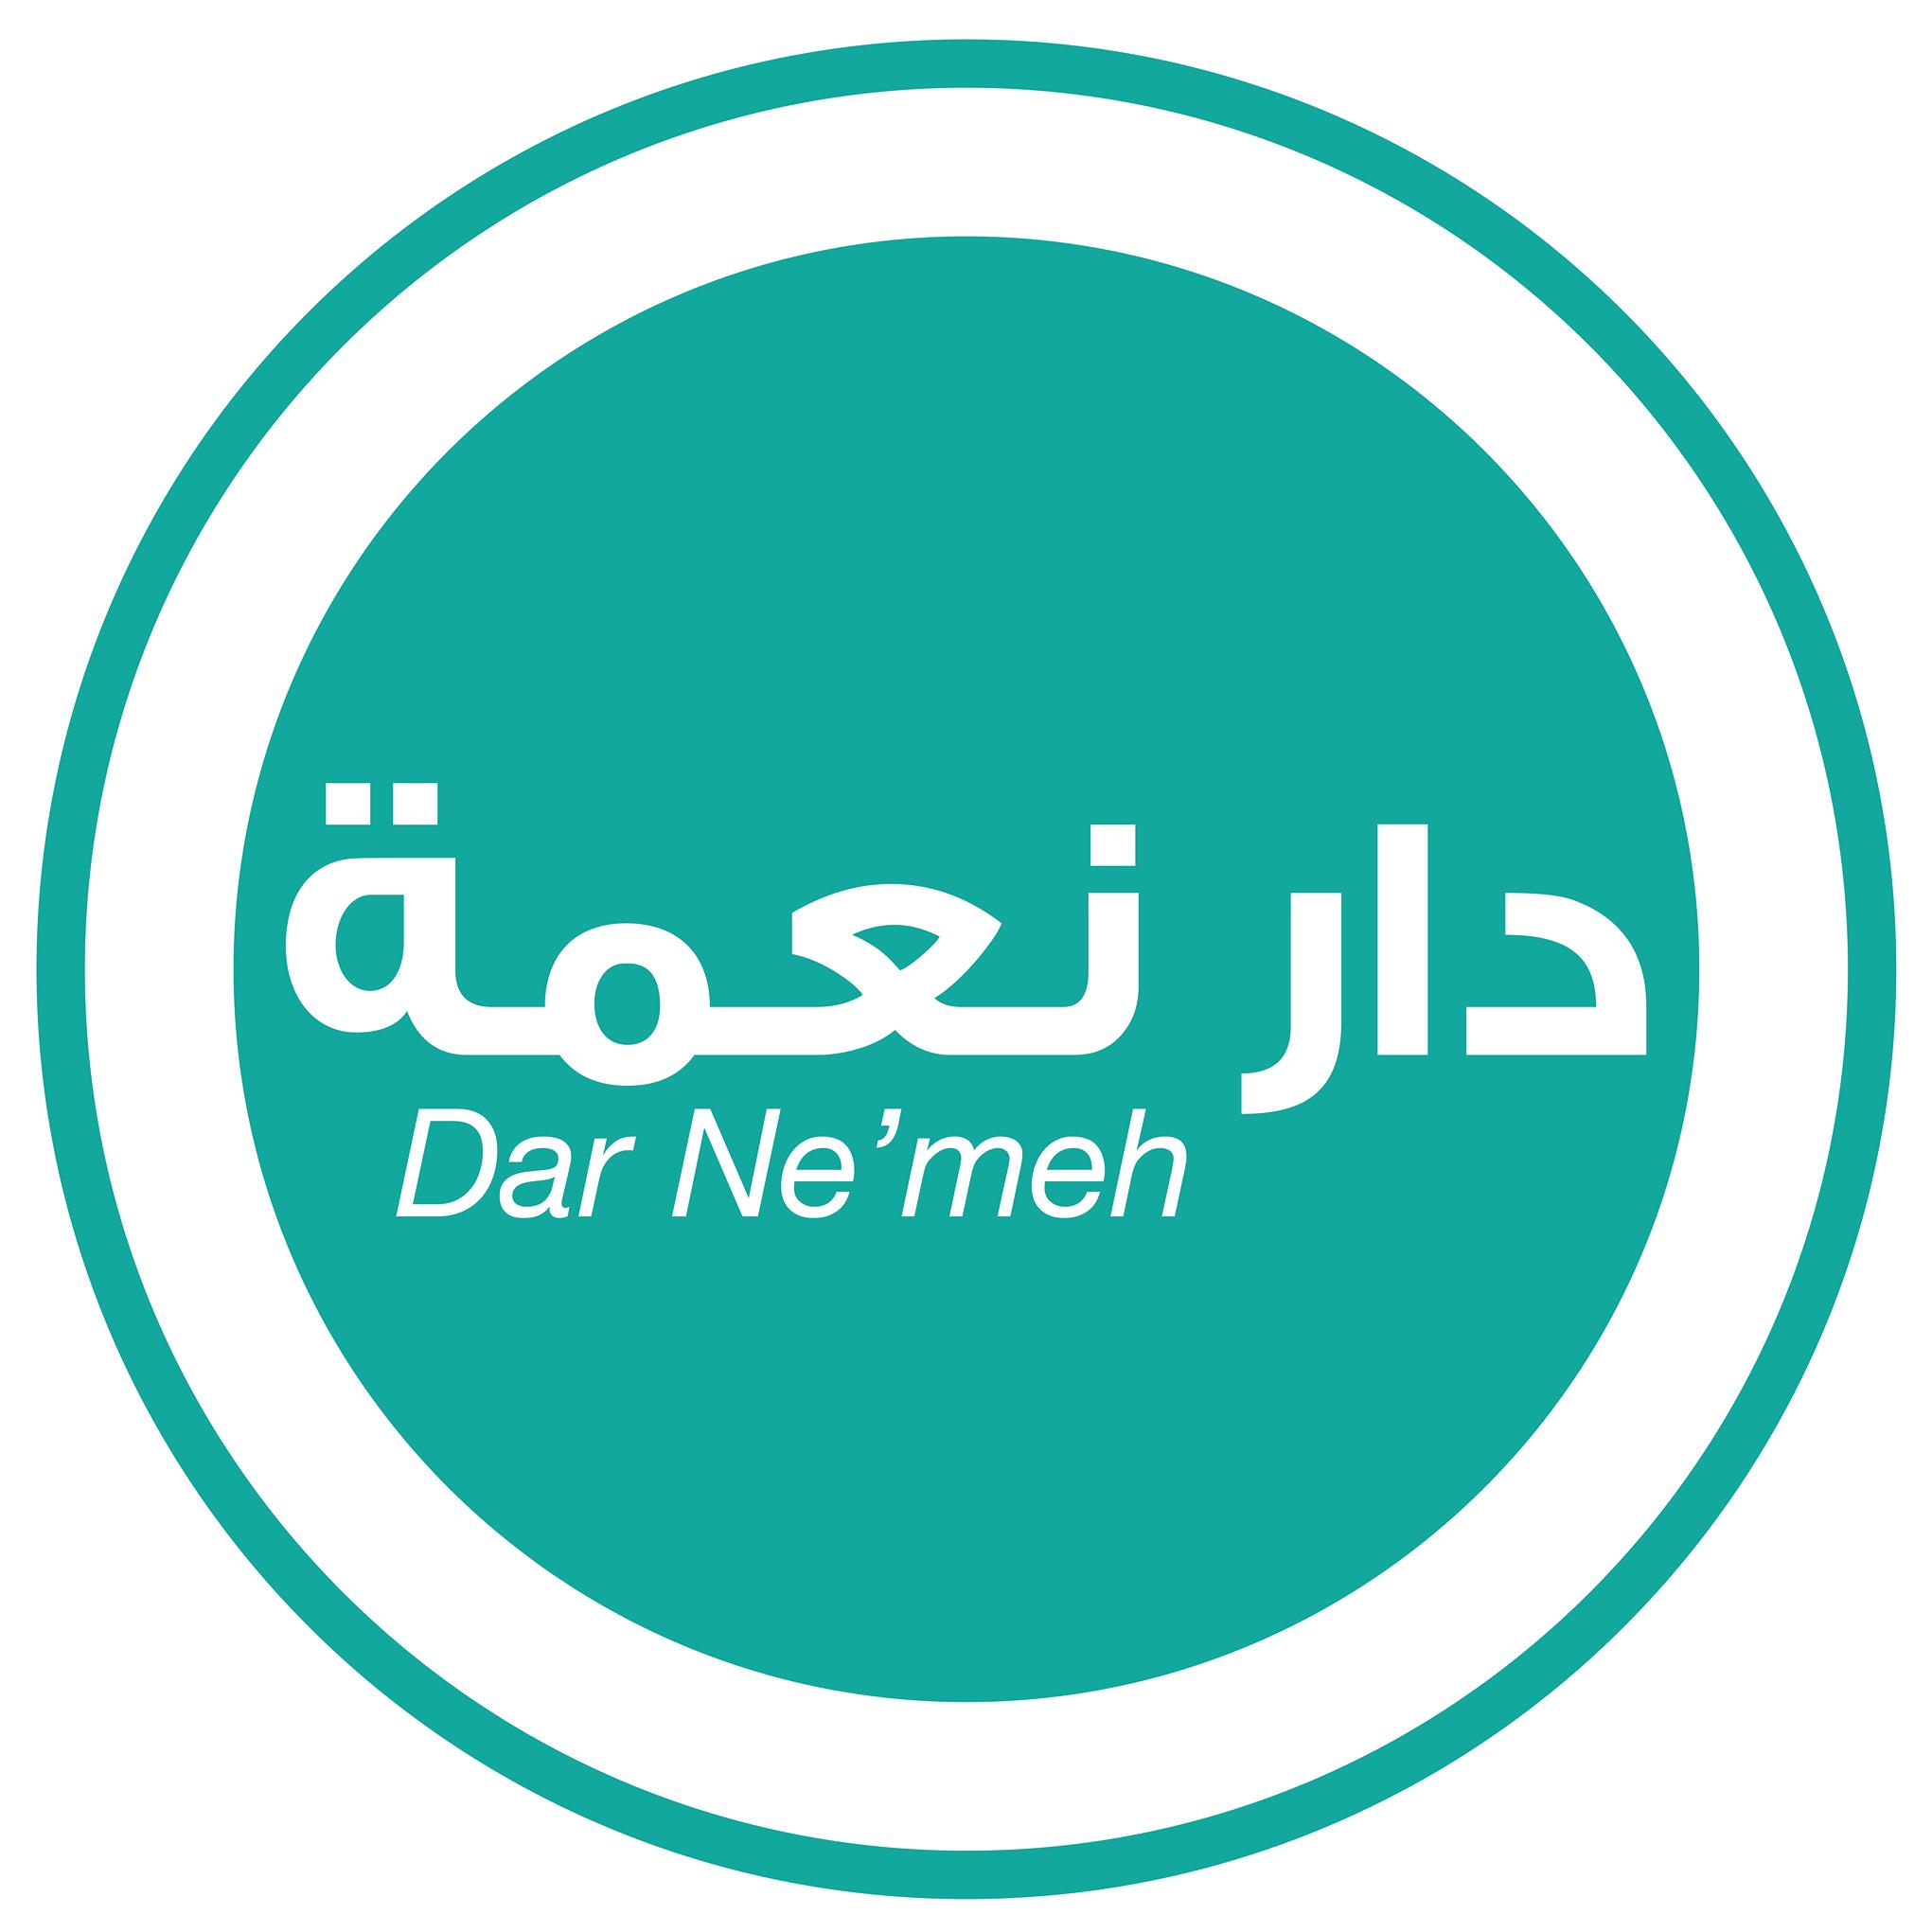 HIH - PTI - Dar Ne'meh Weibdeh